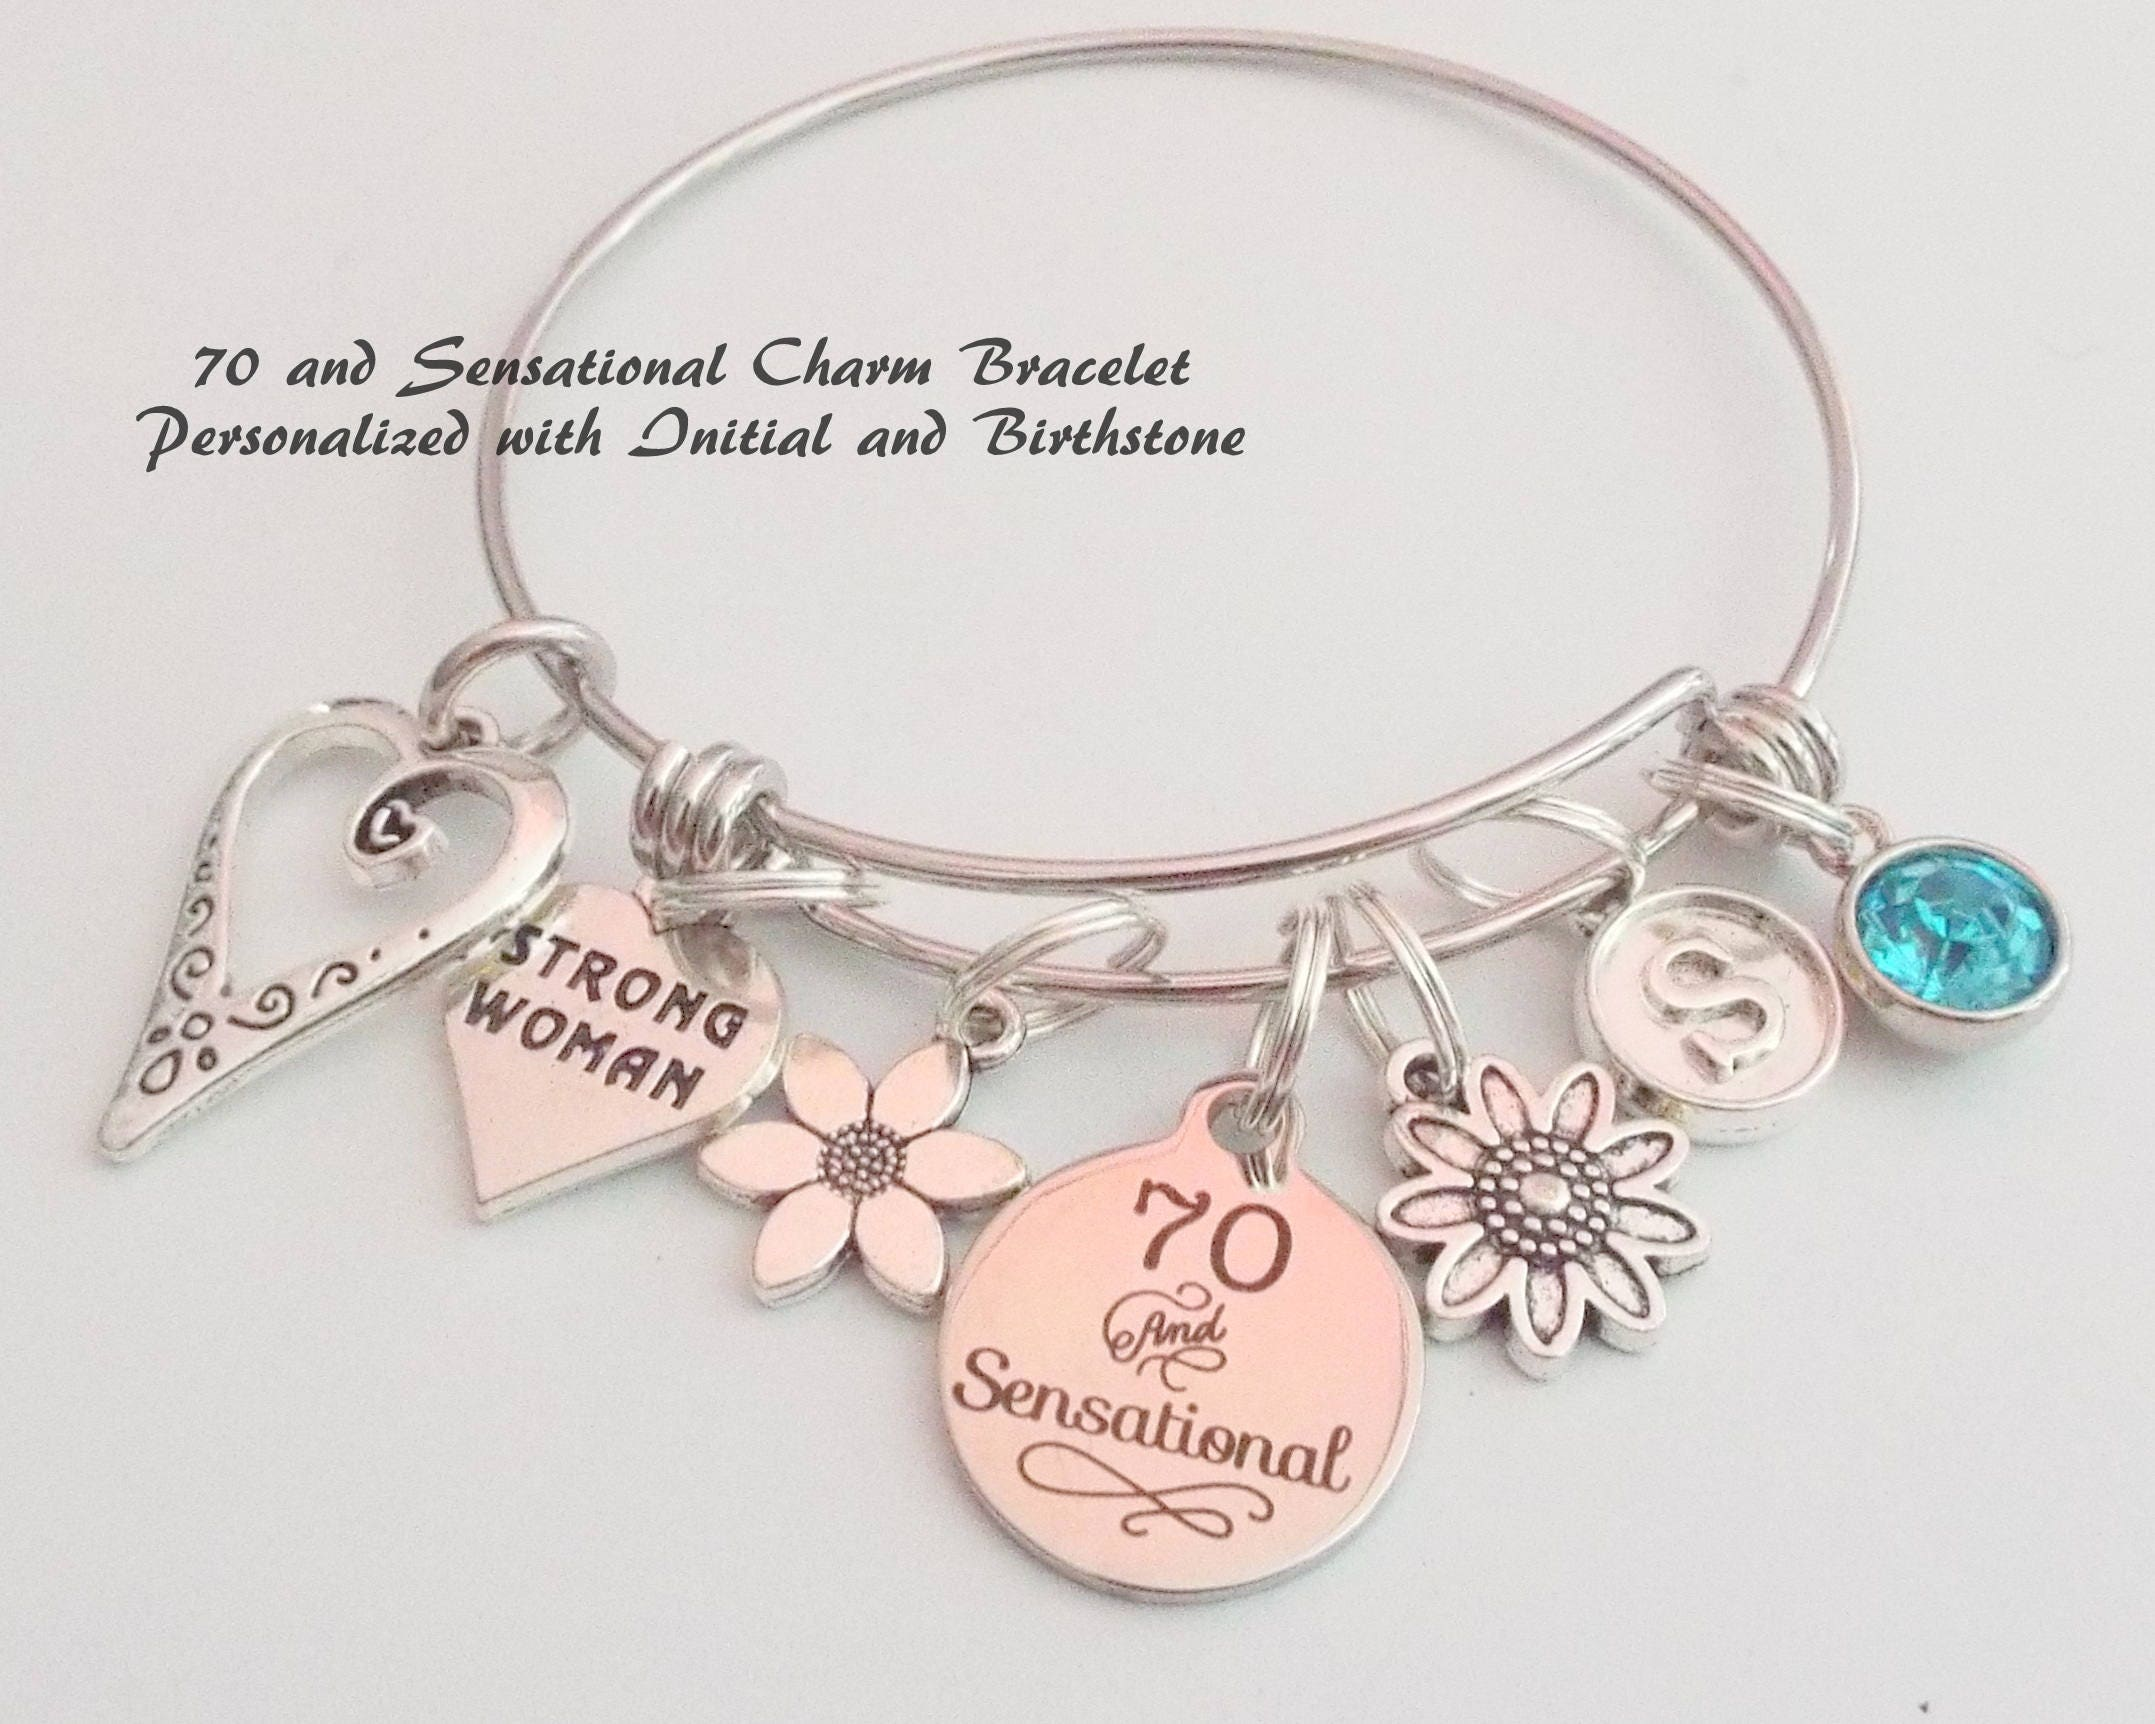 Birthday Gift Ideas For 70 Year Old Lady Nemetas Aufgegabelt Info